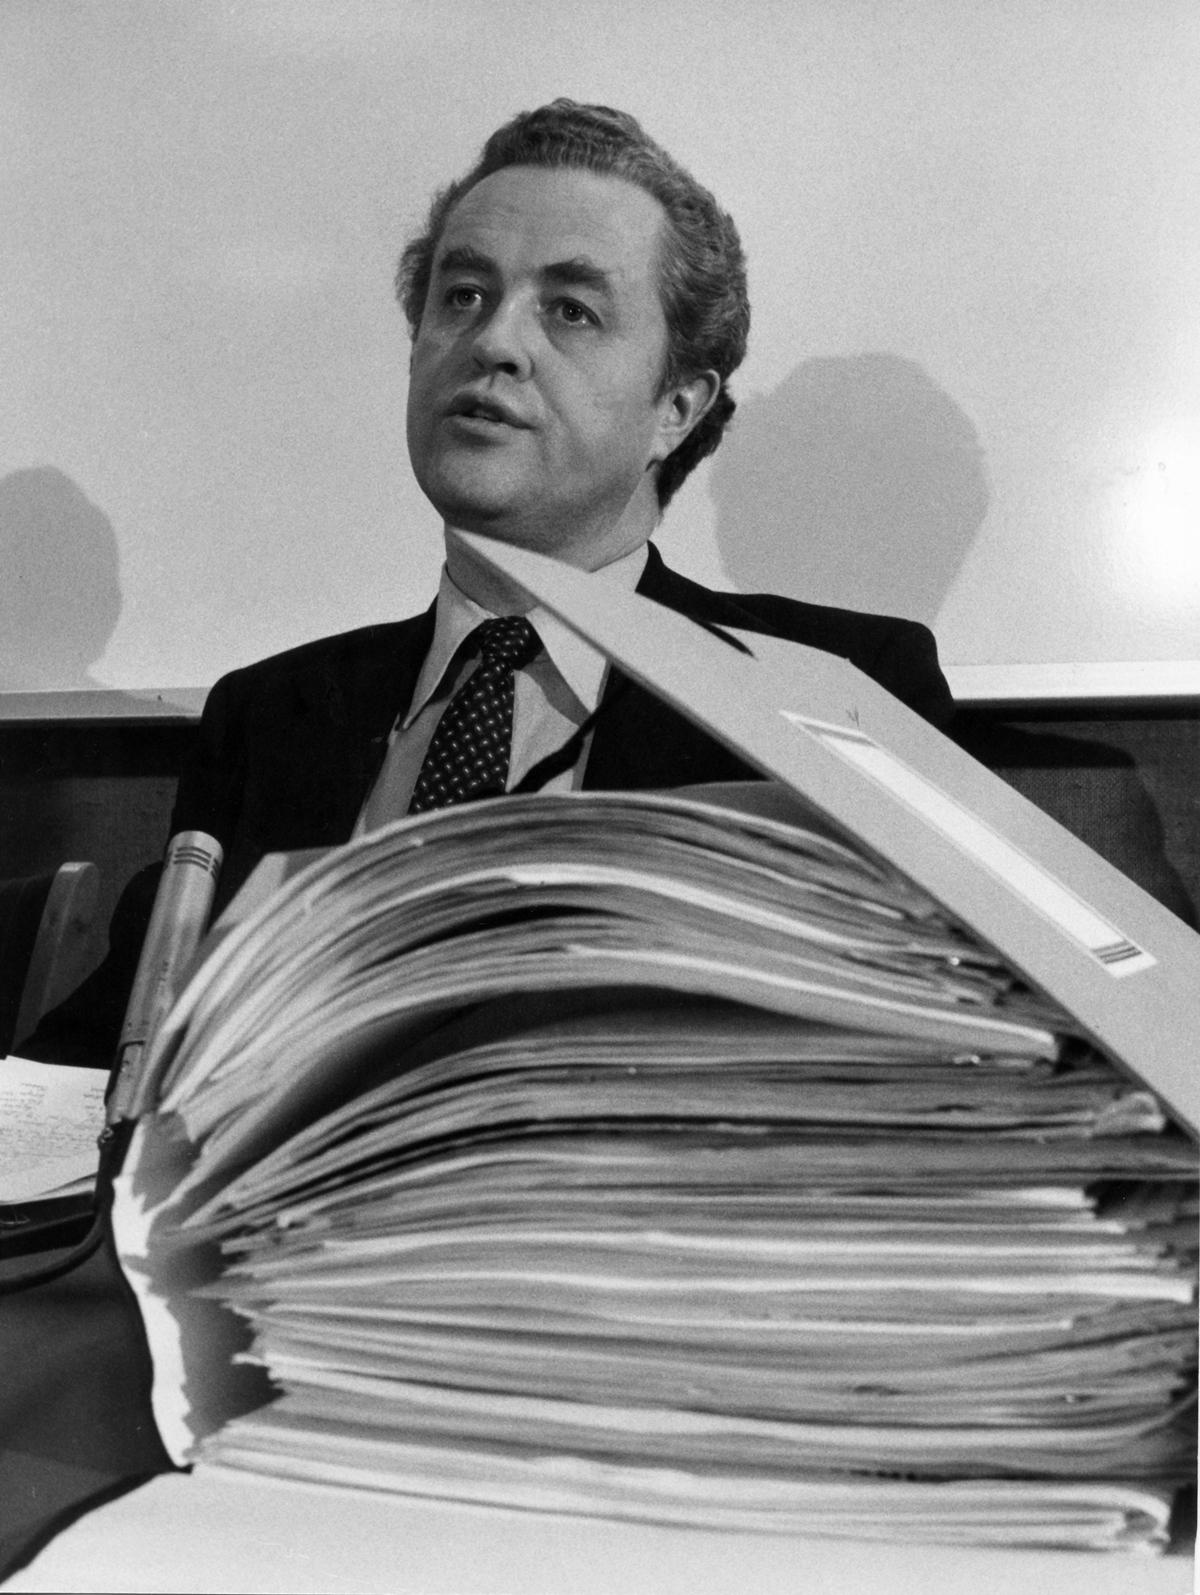 Oslo 16. desember 1981: Kulturminister Lars Roar Langslet offentliggjør hvem som skal få drive forsøksvirksomhet med nærradio. Dokumentbunken foran ham er alle søknadene om nærradiodrift. Foto: Bjørn Sigurdsøn / NTB scanpix